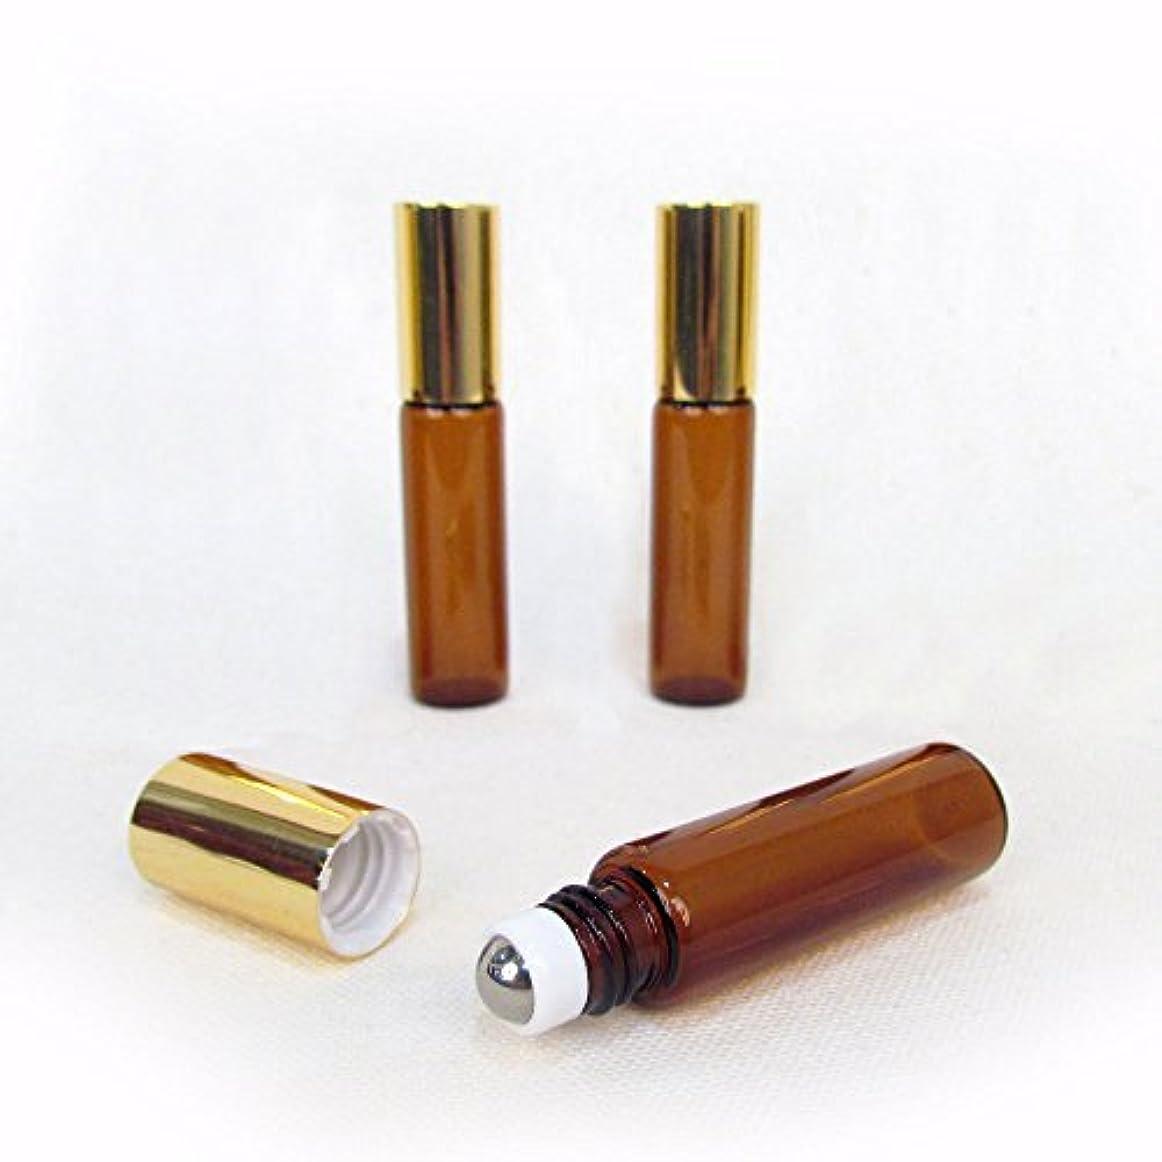 匹敵します拾う論理的にSet of 3-5ml Brown Amber Glass Roll On Bottle With Stainless Steel Ball for Essential Oils by Rivertree Life [...